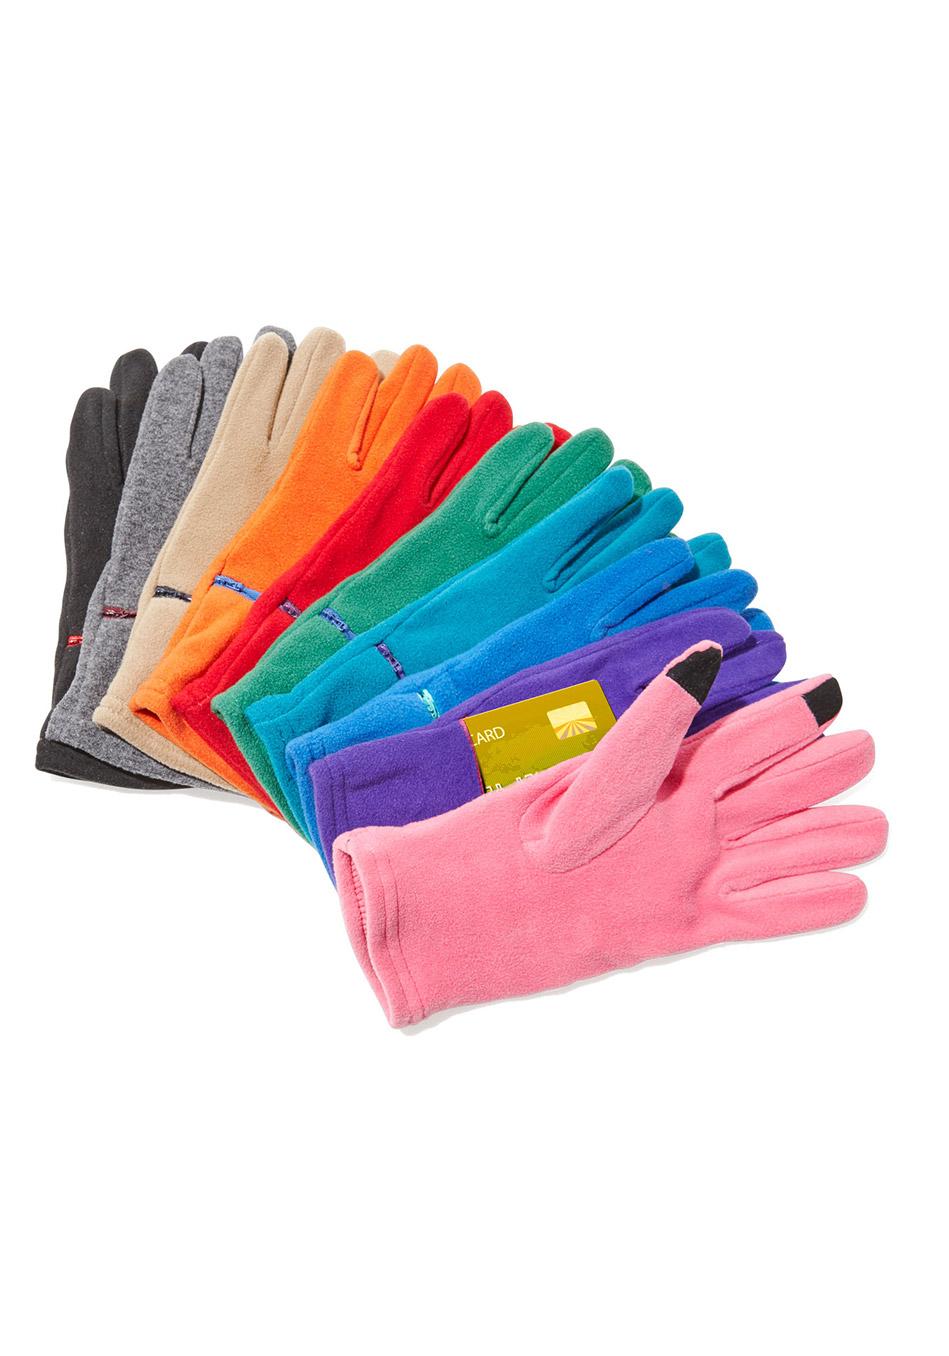 Oprahs Favorite Things 2015 Microfleece Gloves